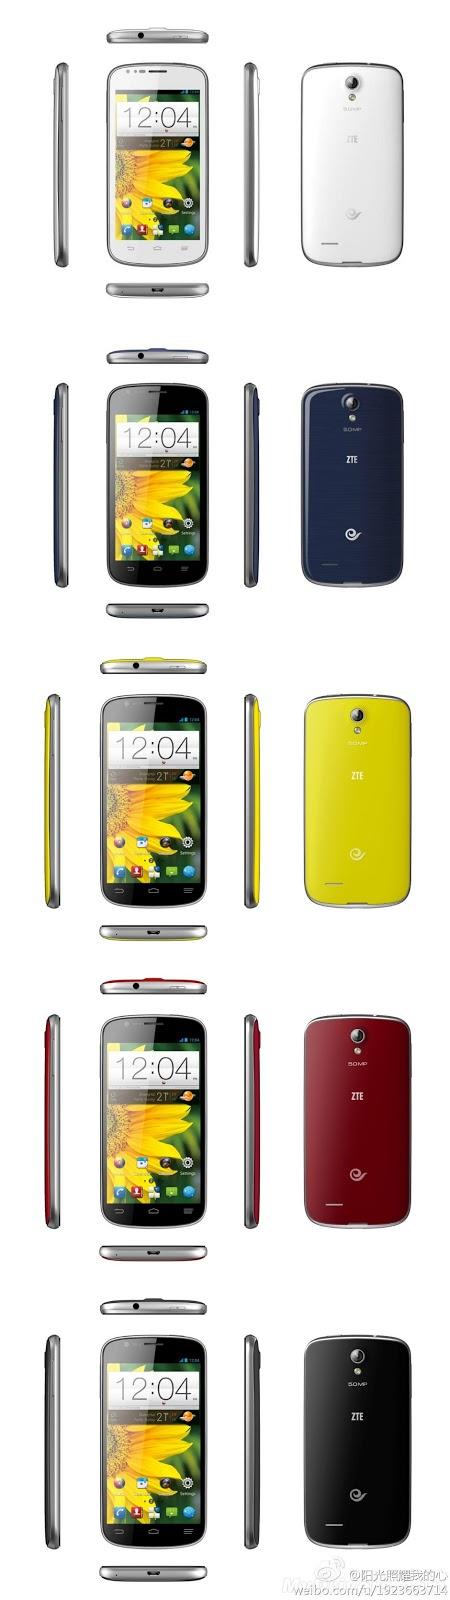 ZTE N909 Tiruan Galaxy S III Harga Miring, ZTE N909 Seperti Galaxy S III Harga Miring, ZTE N909 Tiruan Galaxy S III, ZTE N909 Seperti Galaxy S III, ZTE N909, Pilihan Warna ZTE N909, Warna ZTE N909, Varian Warna ZTE N909